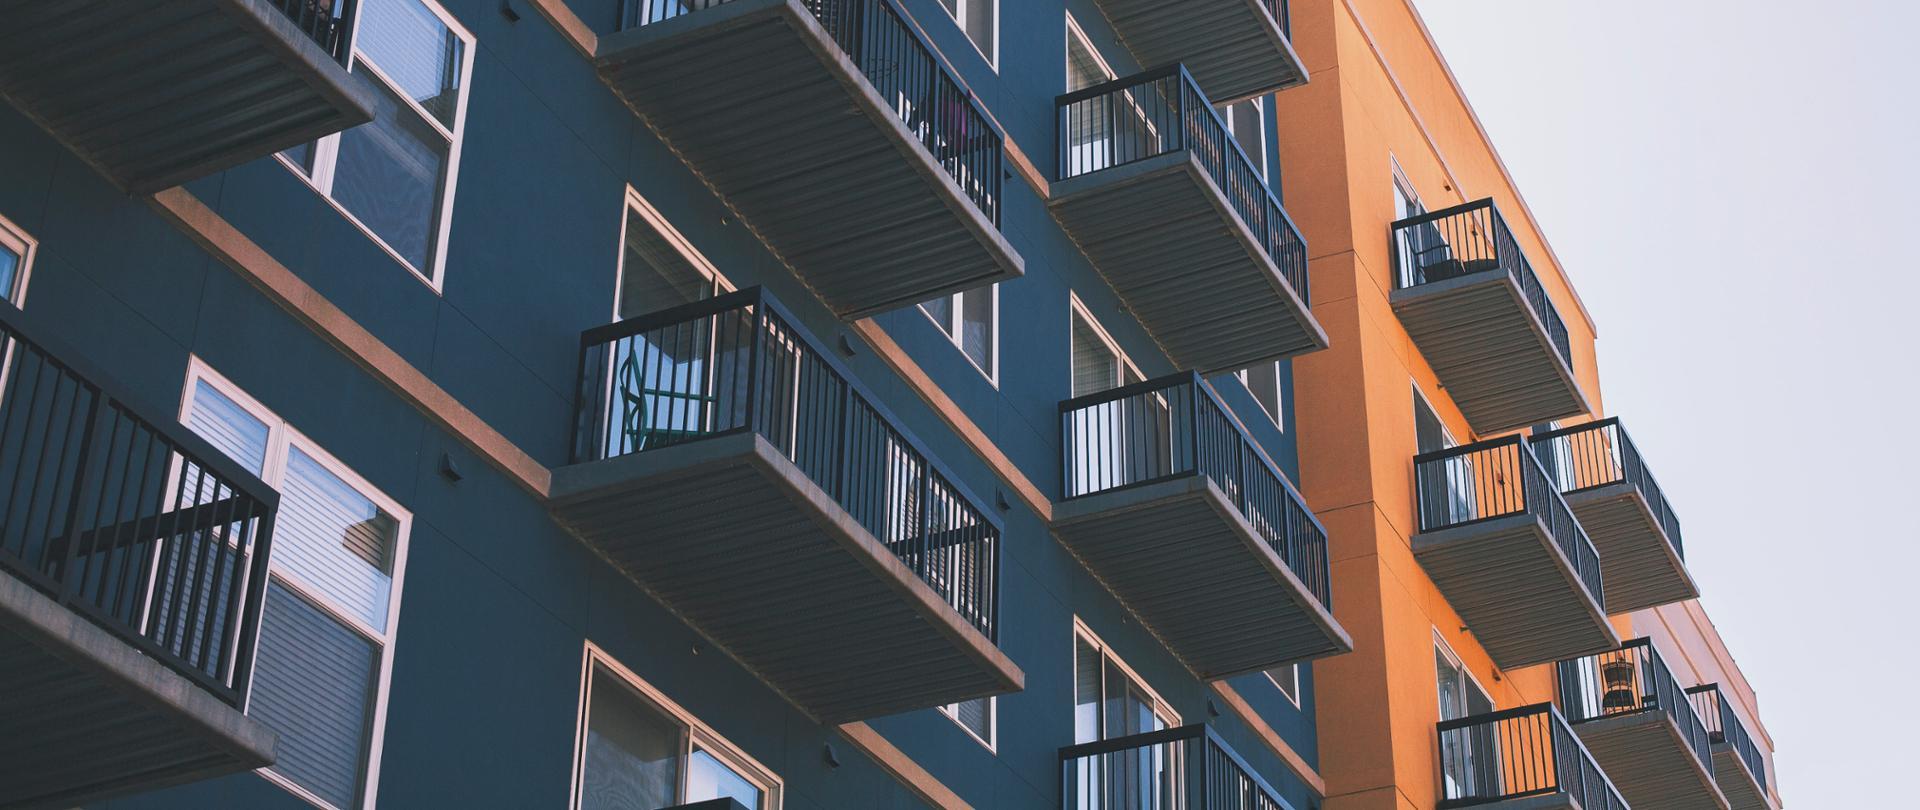 Budownictwo mieszkaniowe bije rekordy - Na zdjęciu nowy budynek mieszkalny